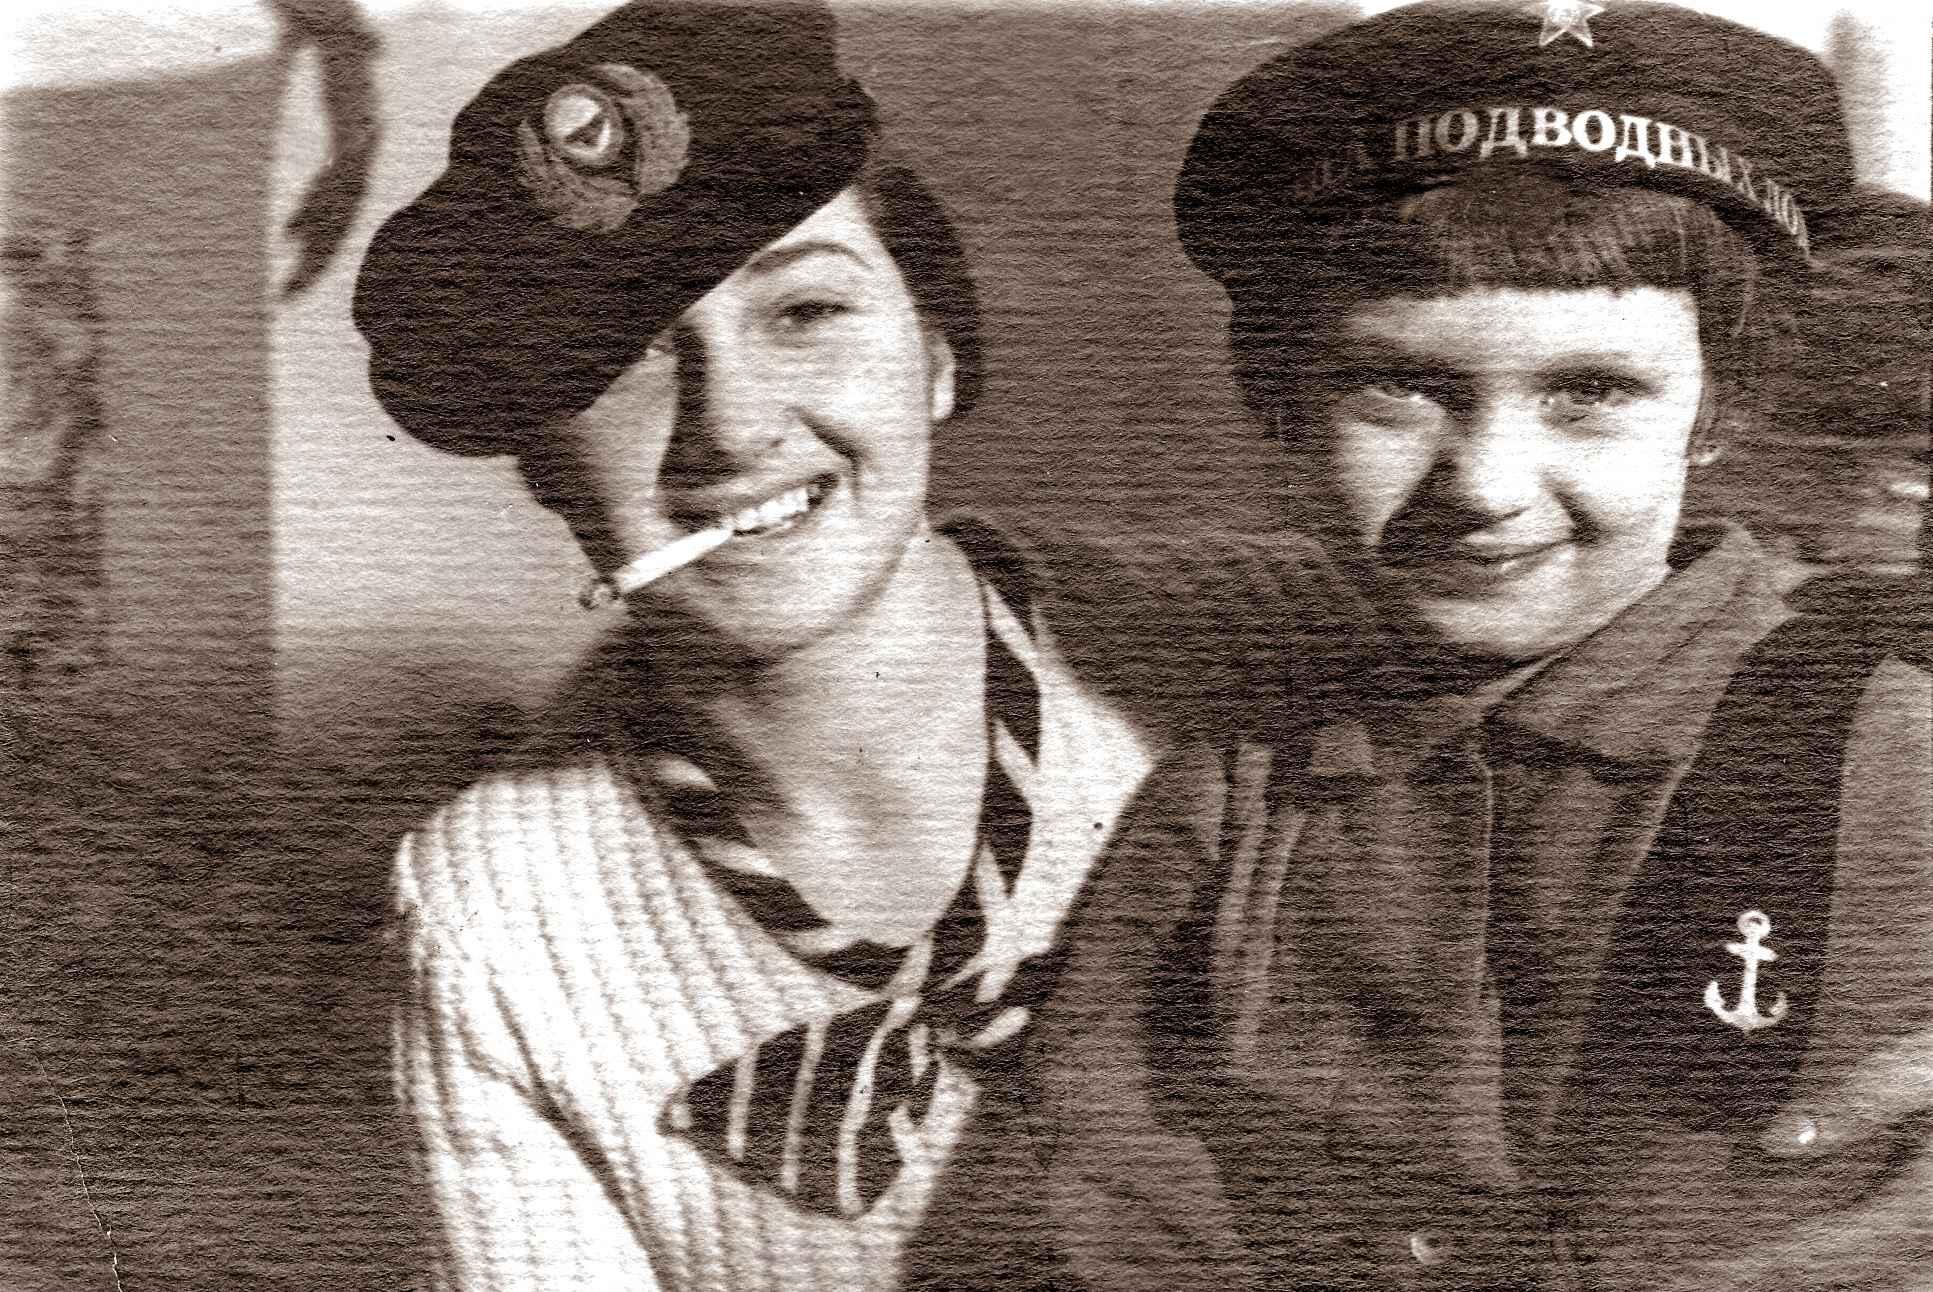 Экспонат #36. Зоя Матвеевна и Лера Микоша. г. Москва. 1935 год